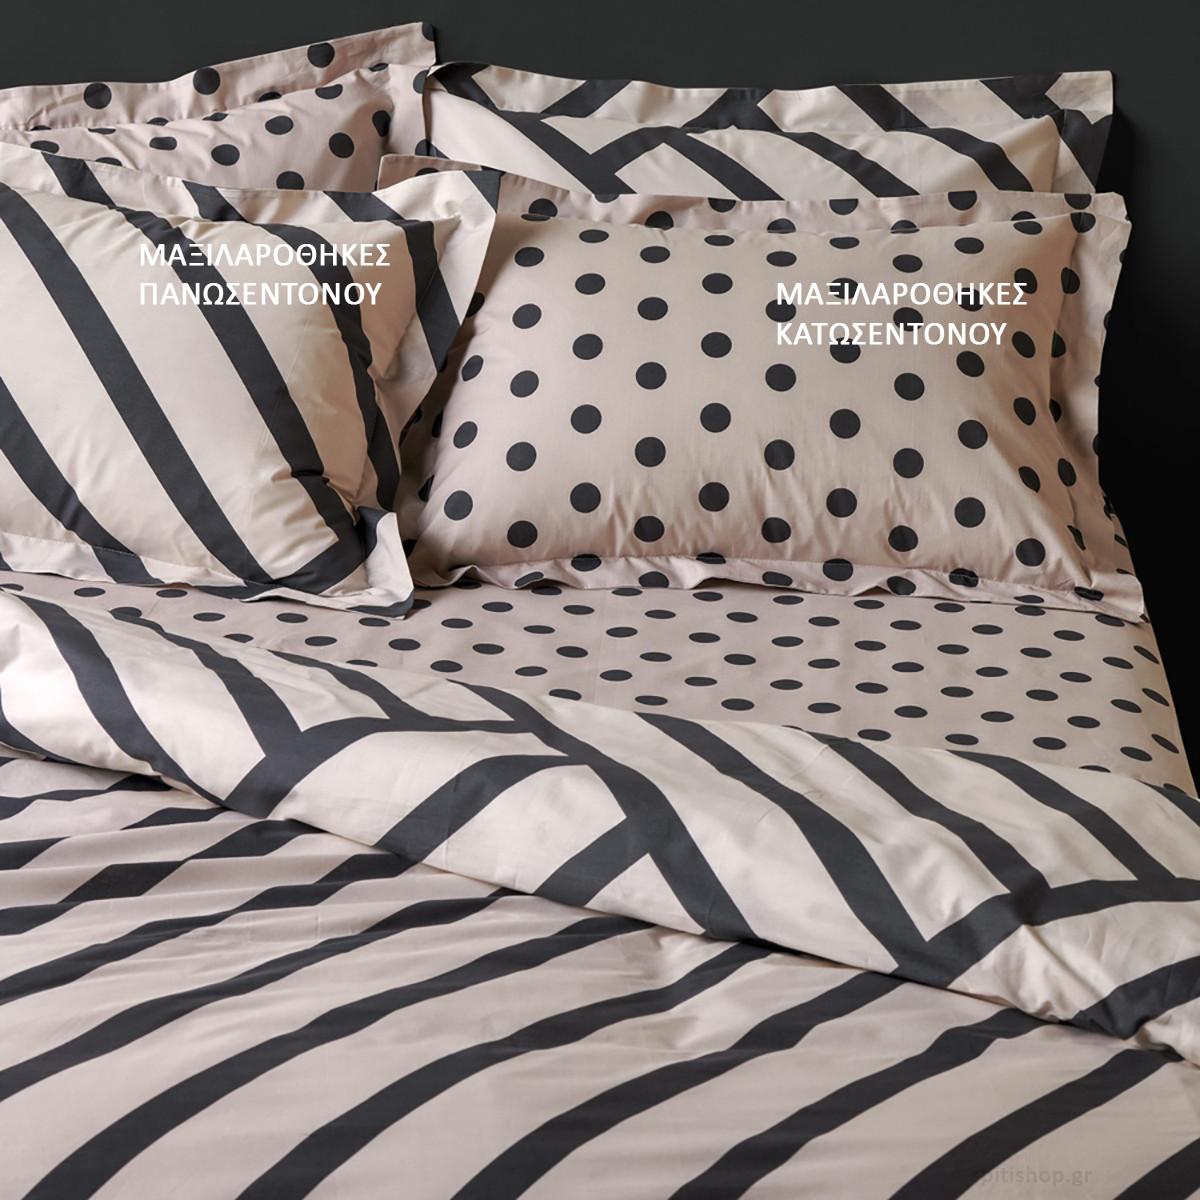 Ζεύγος Μαξιλαροθήκες Kentia Versus Andy 15 home   κρεβατοκάμαρα   μαξιλάρια   μαξιλαροθήκες